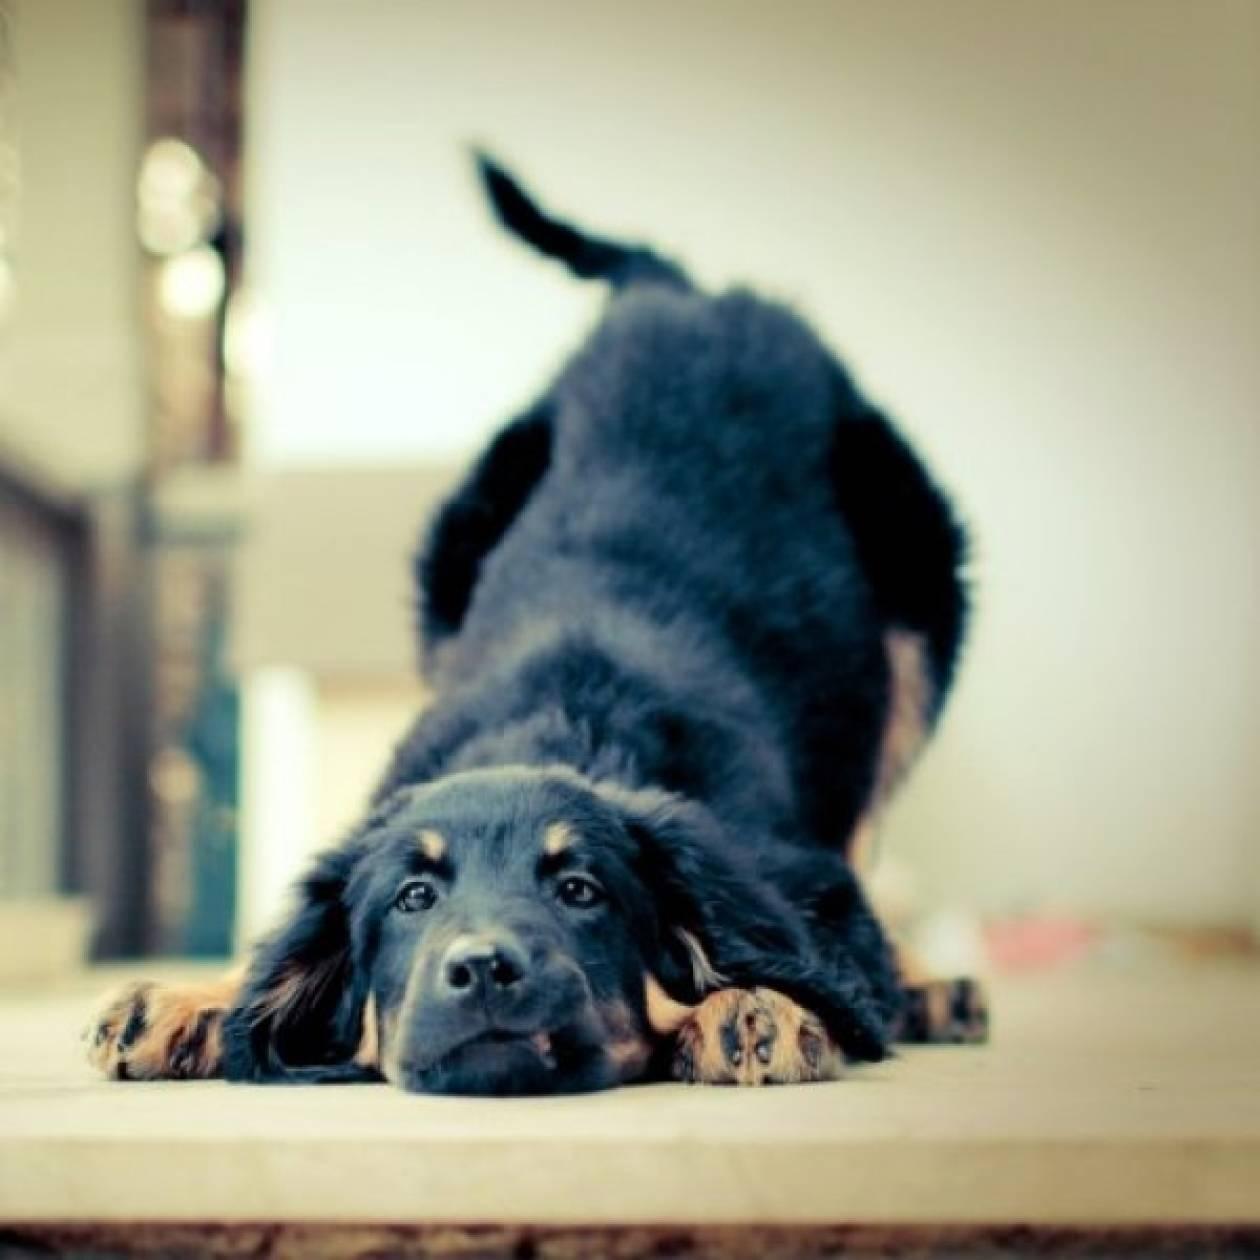 Πώς αντιμετωπίζουμε τον υποθυρεοειδισμό στο σκύλο;